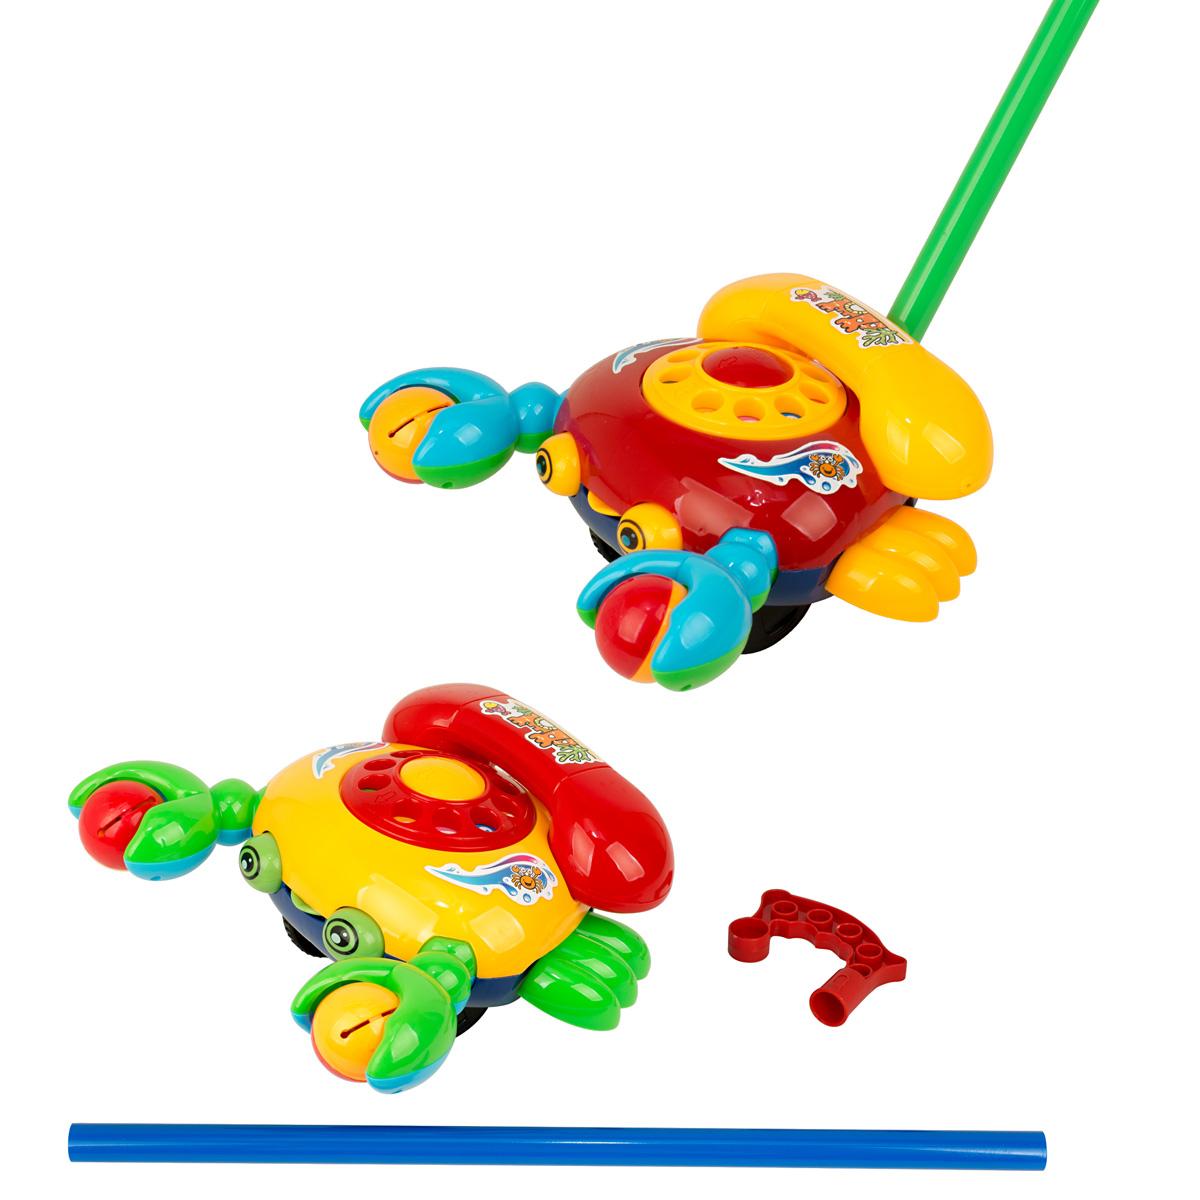 Ami&Co Игрушка-каталка Телефон44425Каталка рак - веселый телефон. Каталка представляет собой классический телефонный аппарат с диском и съемной трубкой. Ребенок может крутить диск телефона, чтоблы набрать номер, при этом игрушка издает характерный звук. Ребенок катает игрушку по полу - рак-телефончик будто оживает: его клешни двигаются, задорно гремя (рак держит 2 шарика с гремящими элементами, которые пересыпаются при движении), задорно высовывает язык. При катании игрушка издает звук колокольчика. Палка (сборная) вставляется в игрушку. Детская складная каталка предназначена для малышей, которые уже начали ходить самостоятельно. Яркие, забавные образы принесут радость и веселье во время игр. Гремящие, шуршащие элементы развлекут вашего малыша. Модель поможет развить координацию движения, тактильные навыки и мелкую моторику рук ребенка, а издаваемые ею звуки активно стимулируют его слух.